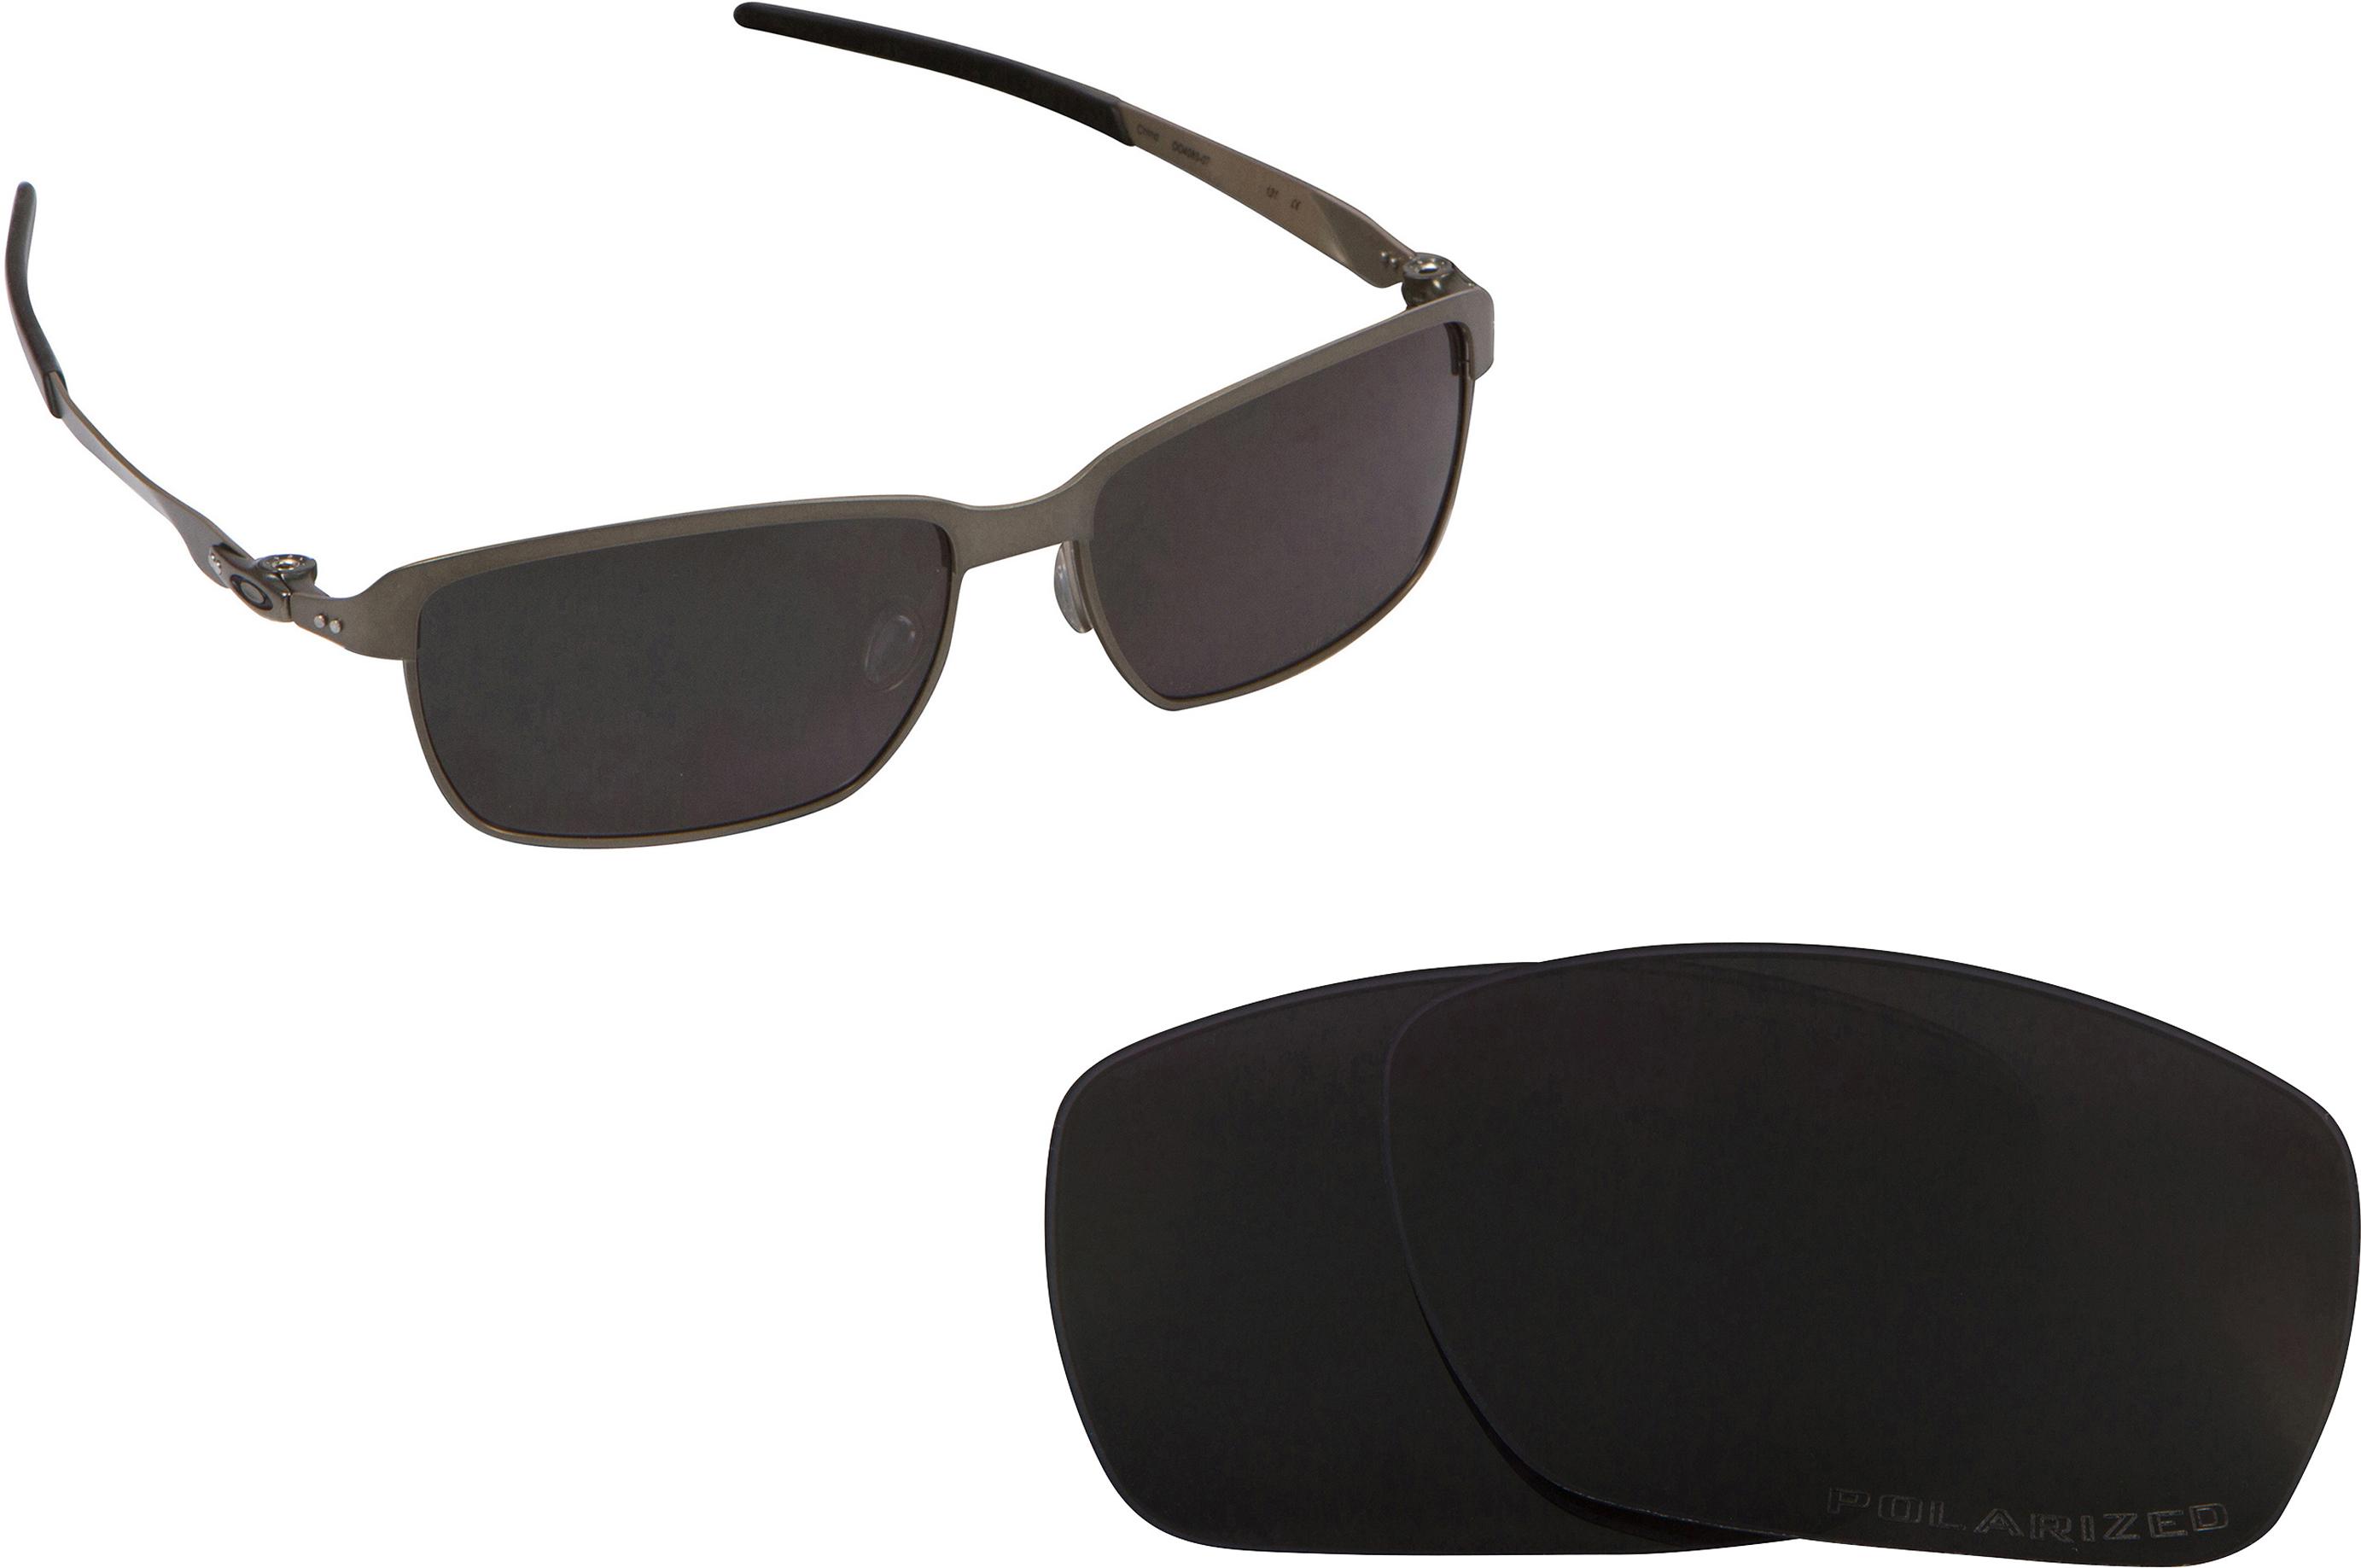 ebay oakley replacement lenses uf9w  New-SEEK-OPTICS-Replacement-Lenses-Oakley-TINFOIL-CARBON